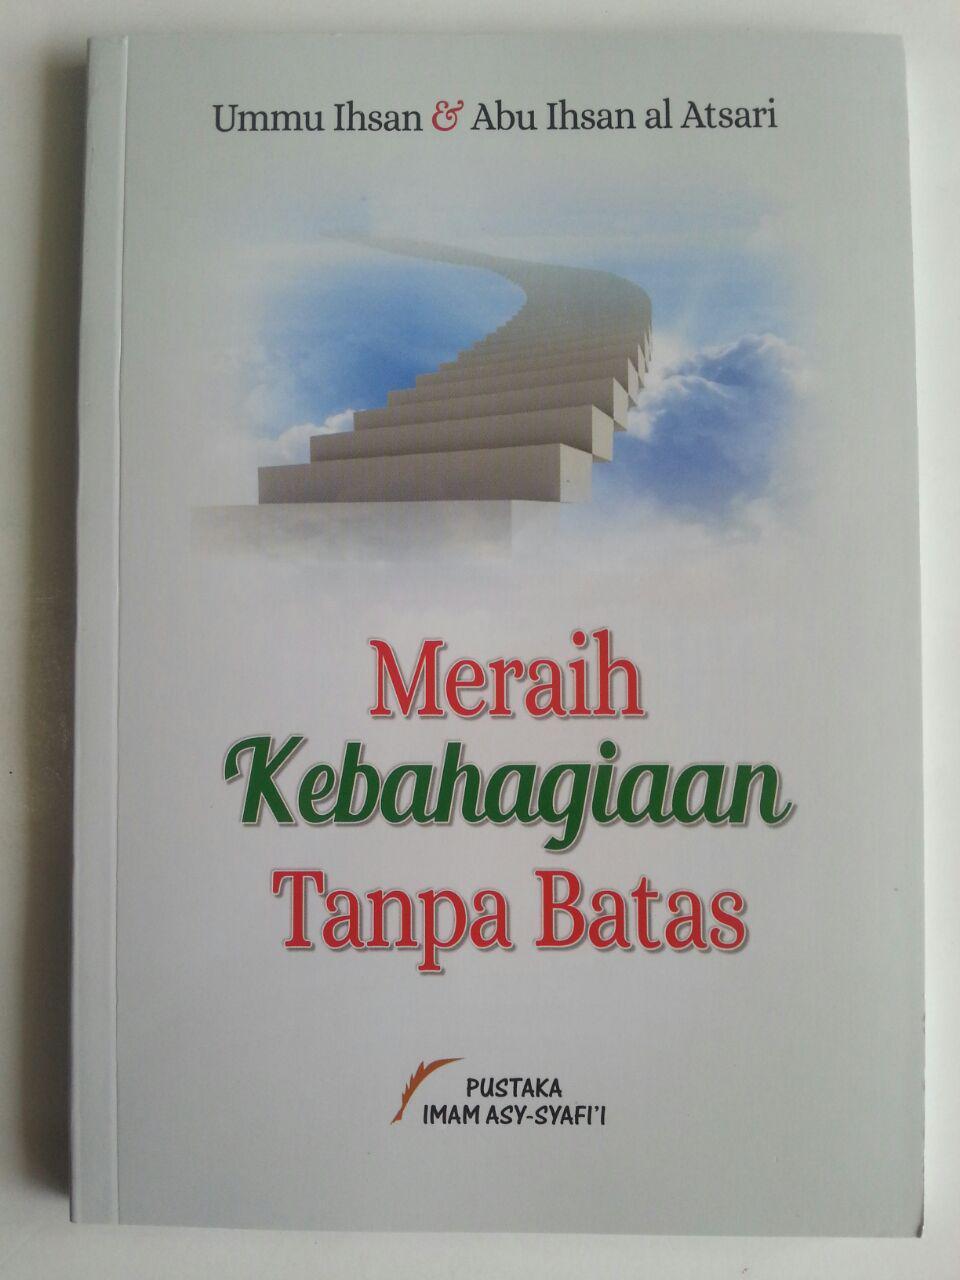 Buku Meraih Kebahagiaan Tanpa Batas cover 2